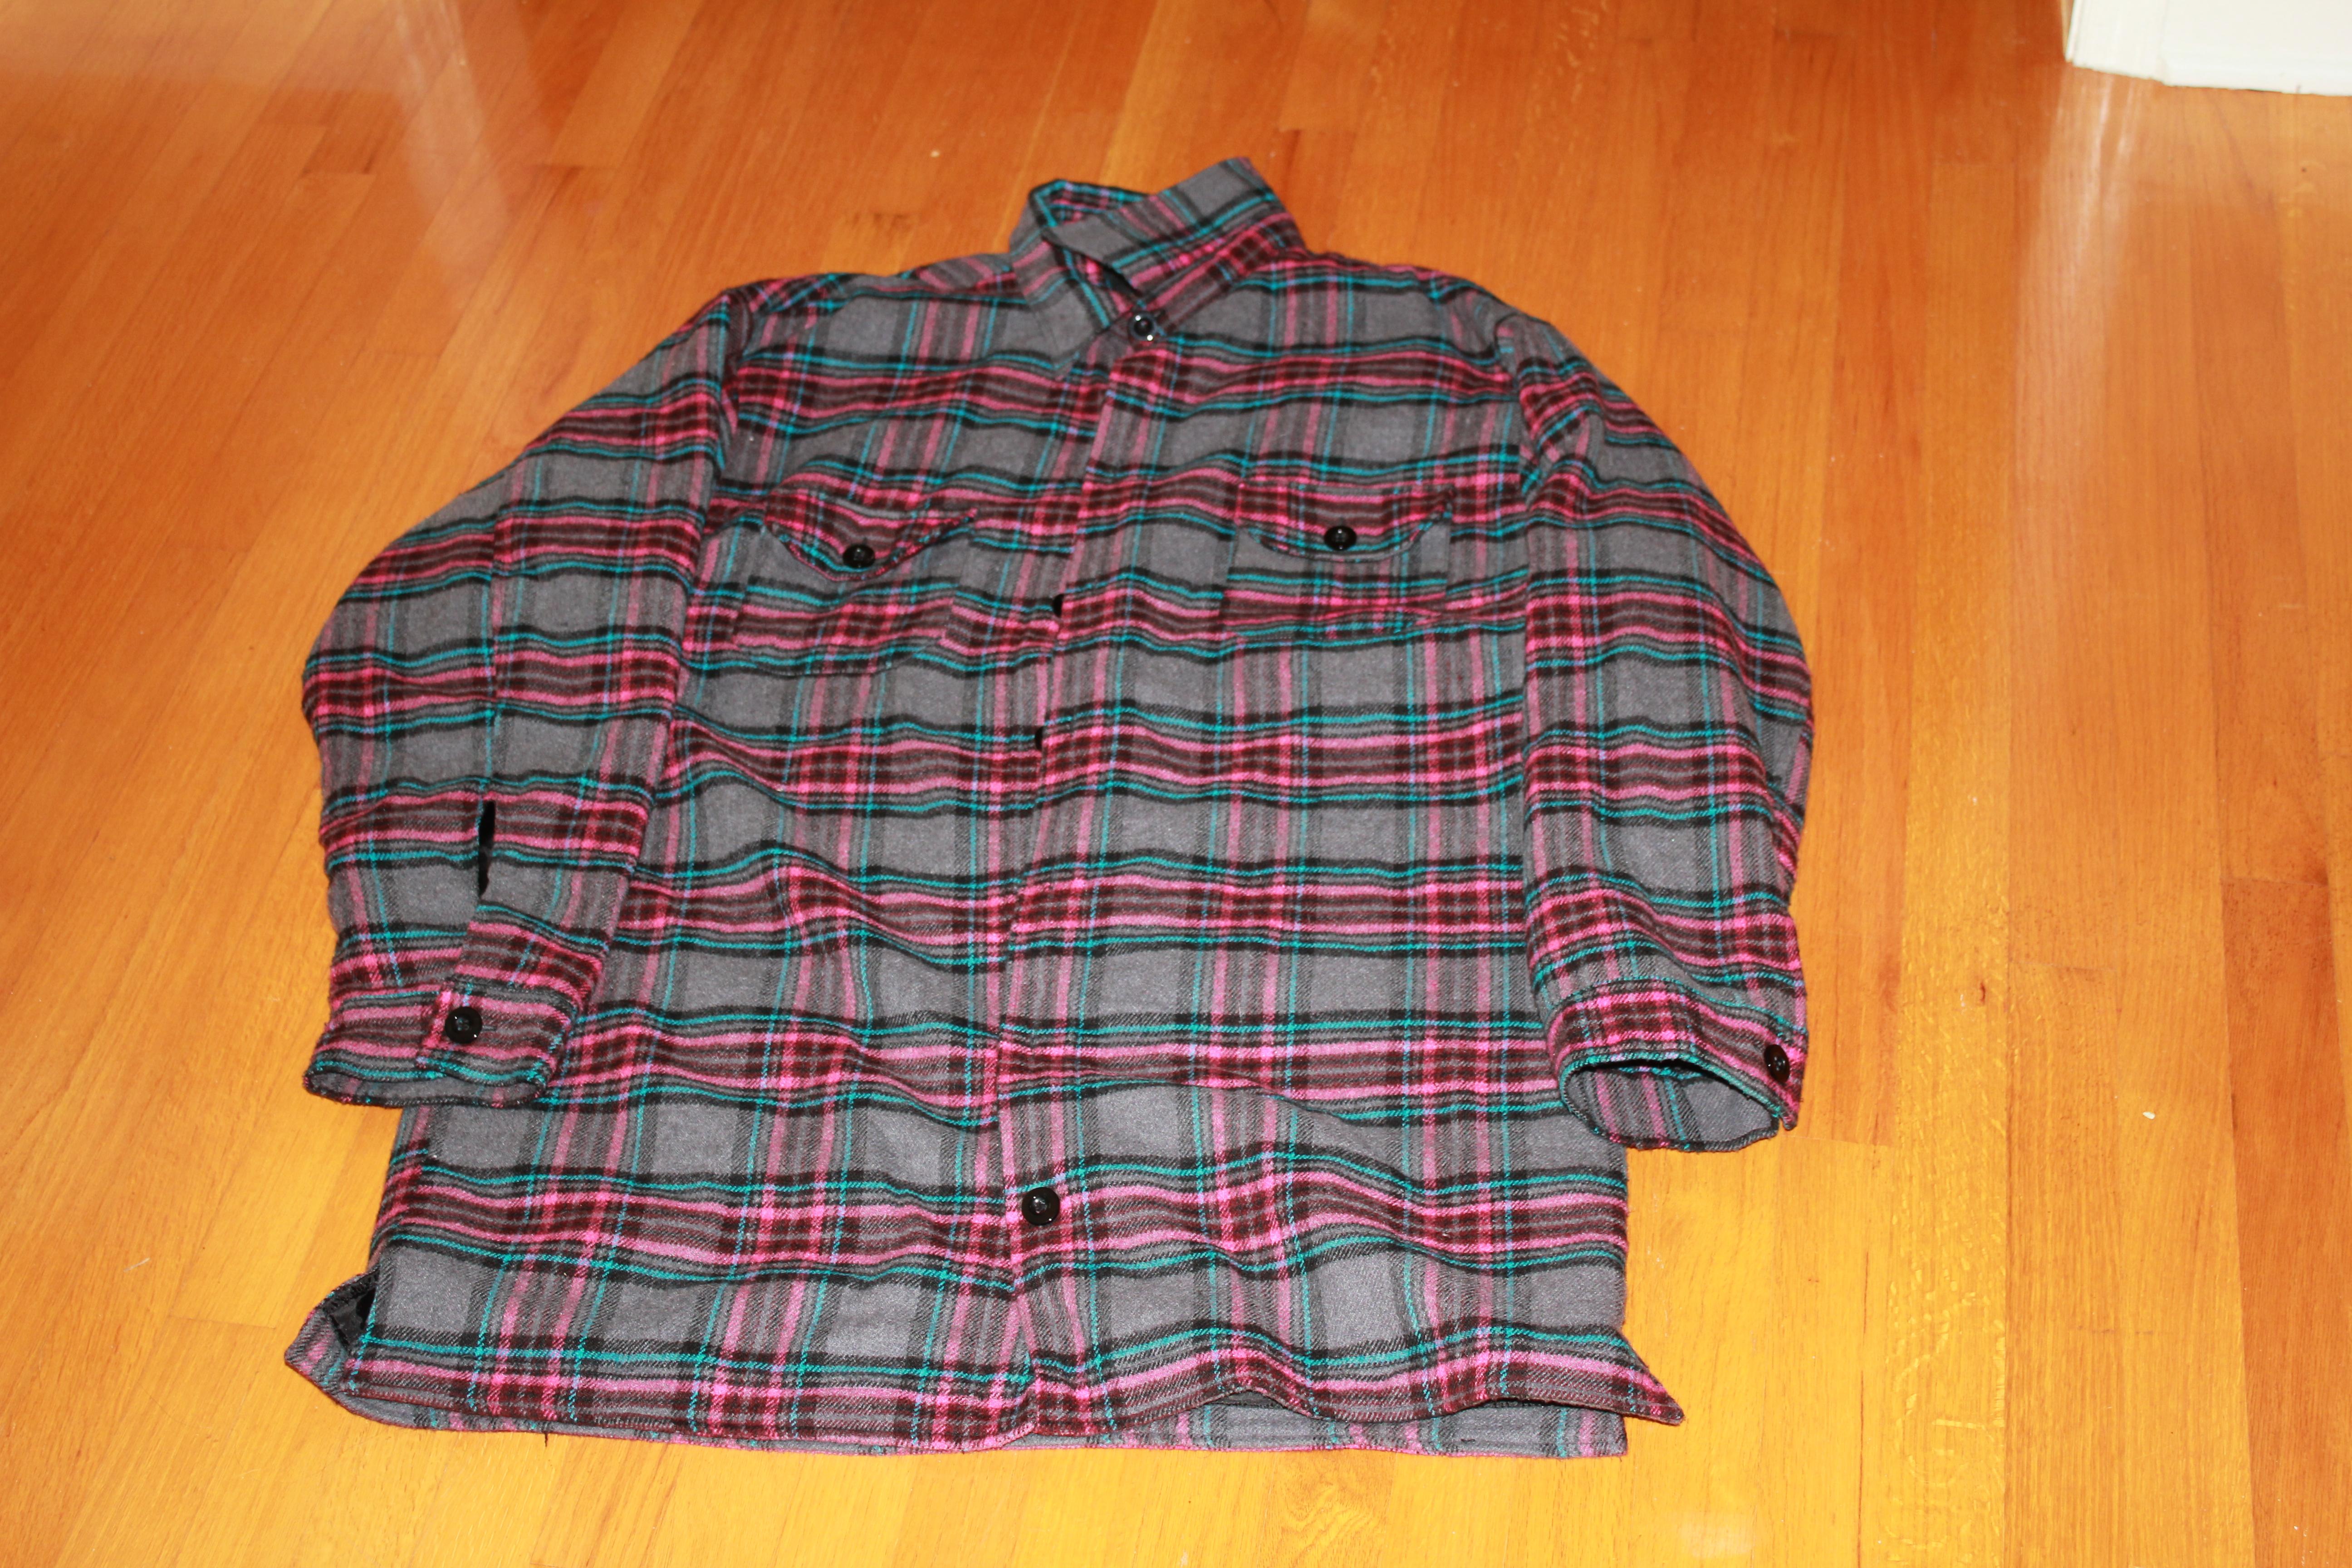 Team sized jiberish flannel